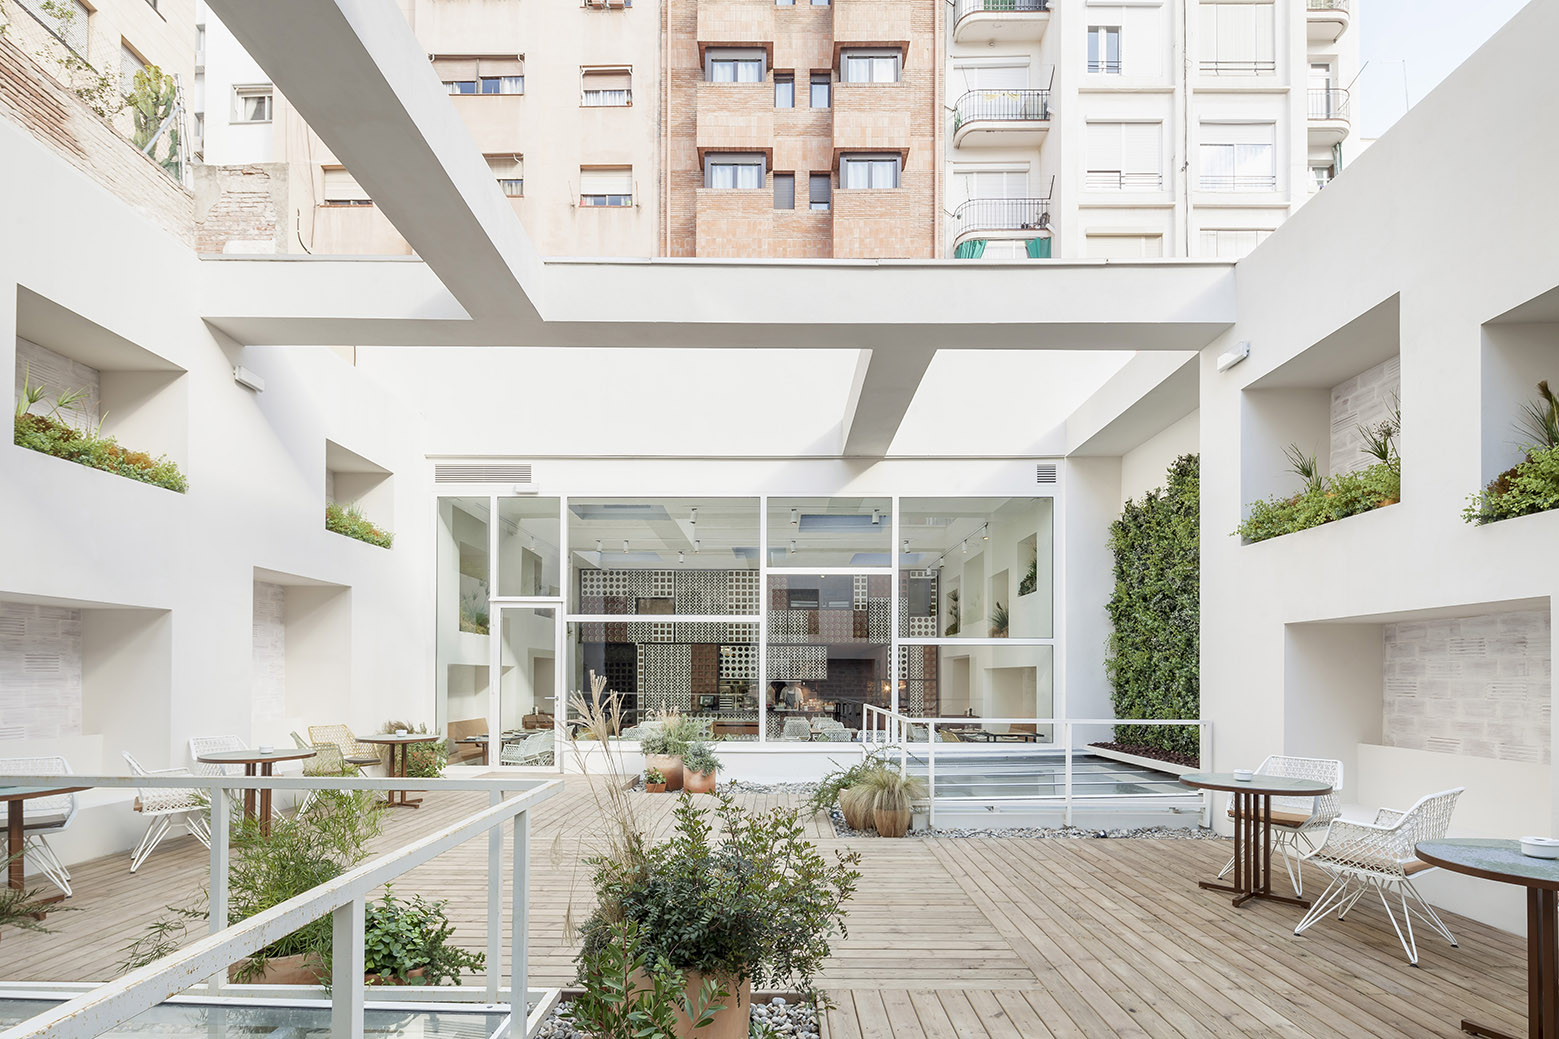 Restaurante Disfrutar / El Equipo Creativo, © Adrià Goula